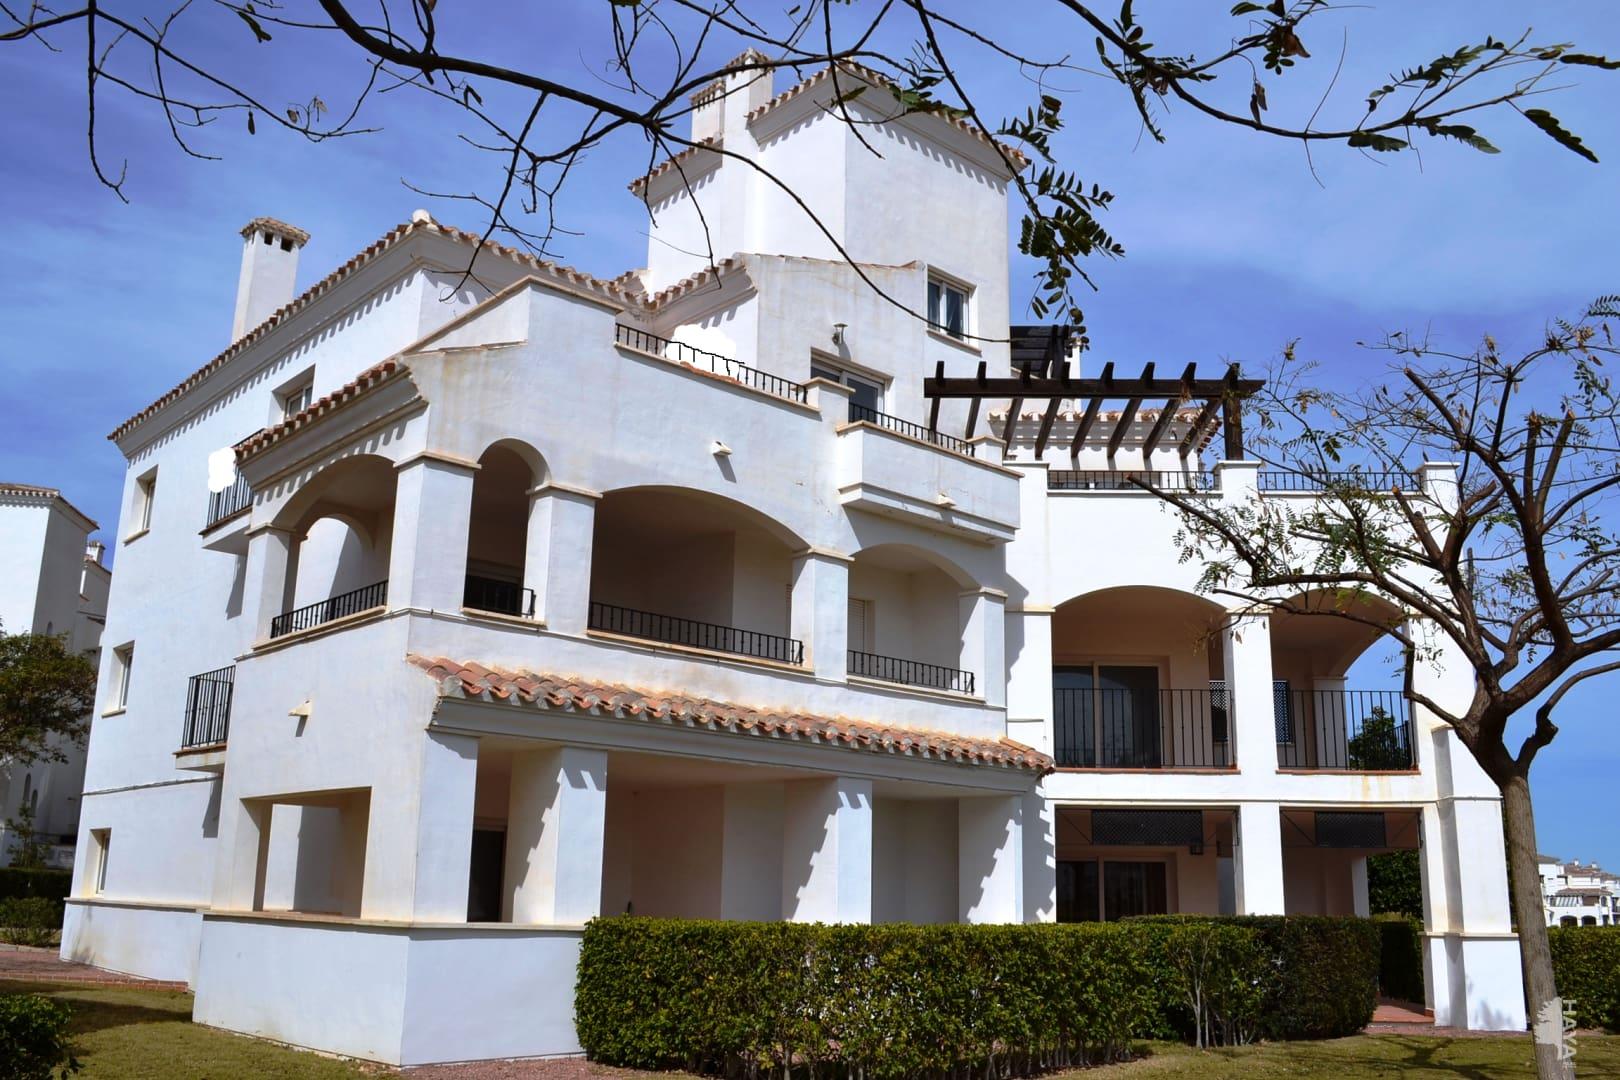 Piso en venta en Murcia, Murcia, Calle Atlantico, 109.495 €, 2 habitaciones, 1 baño, 80 m2